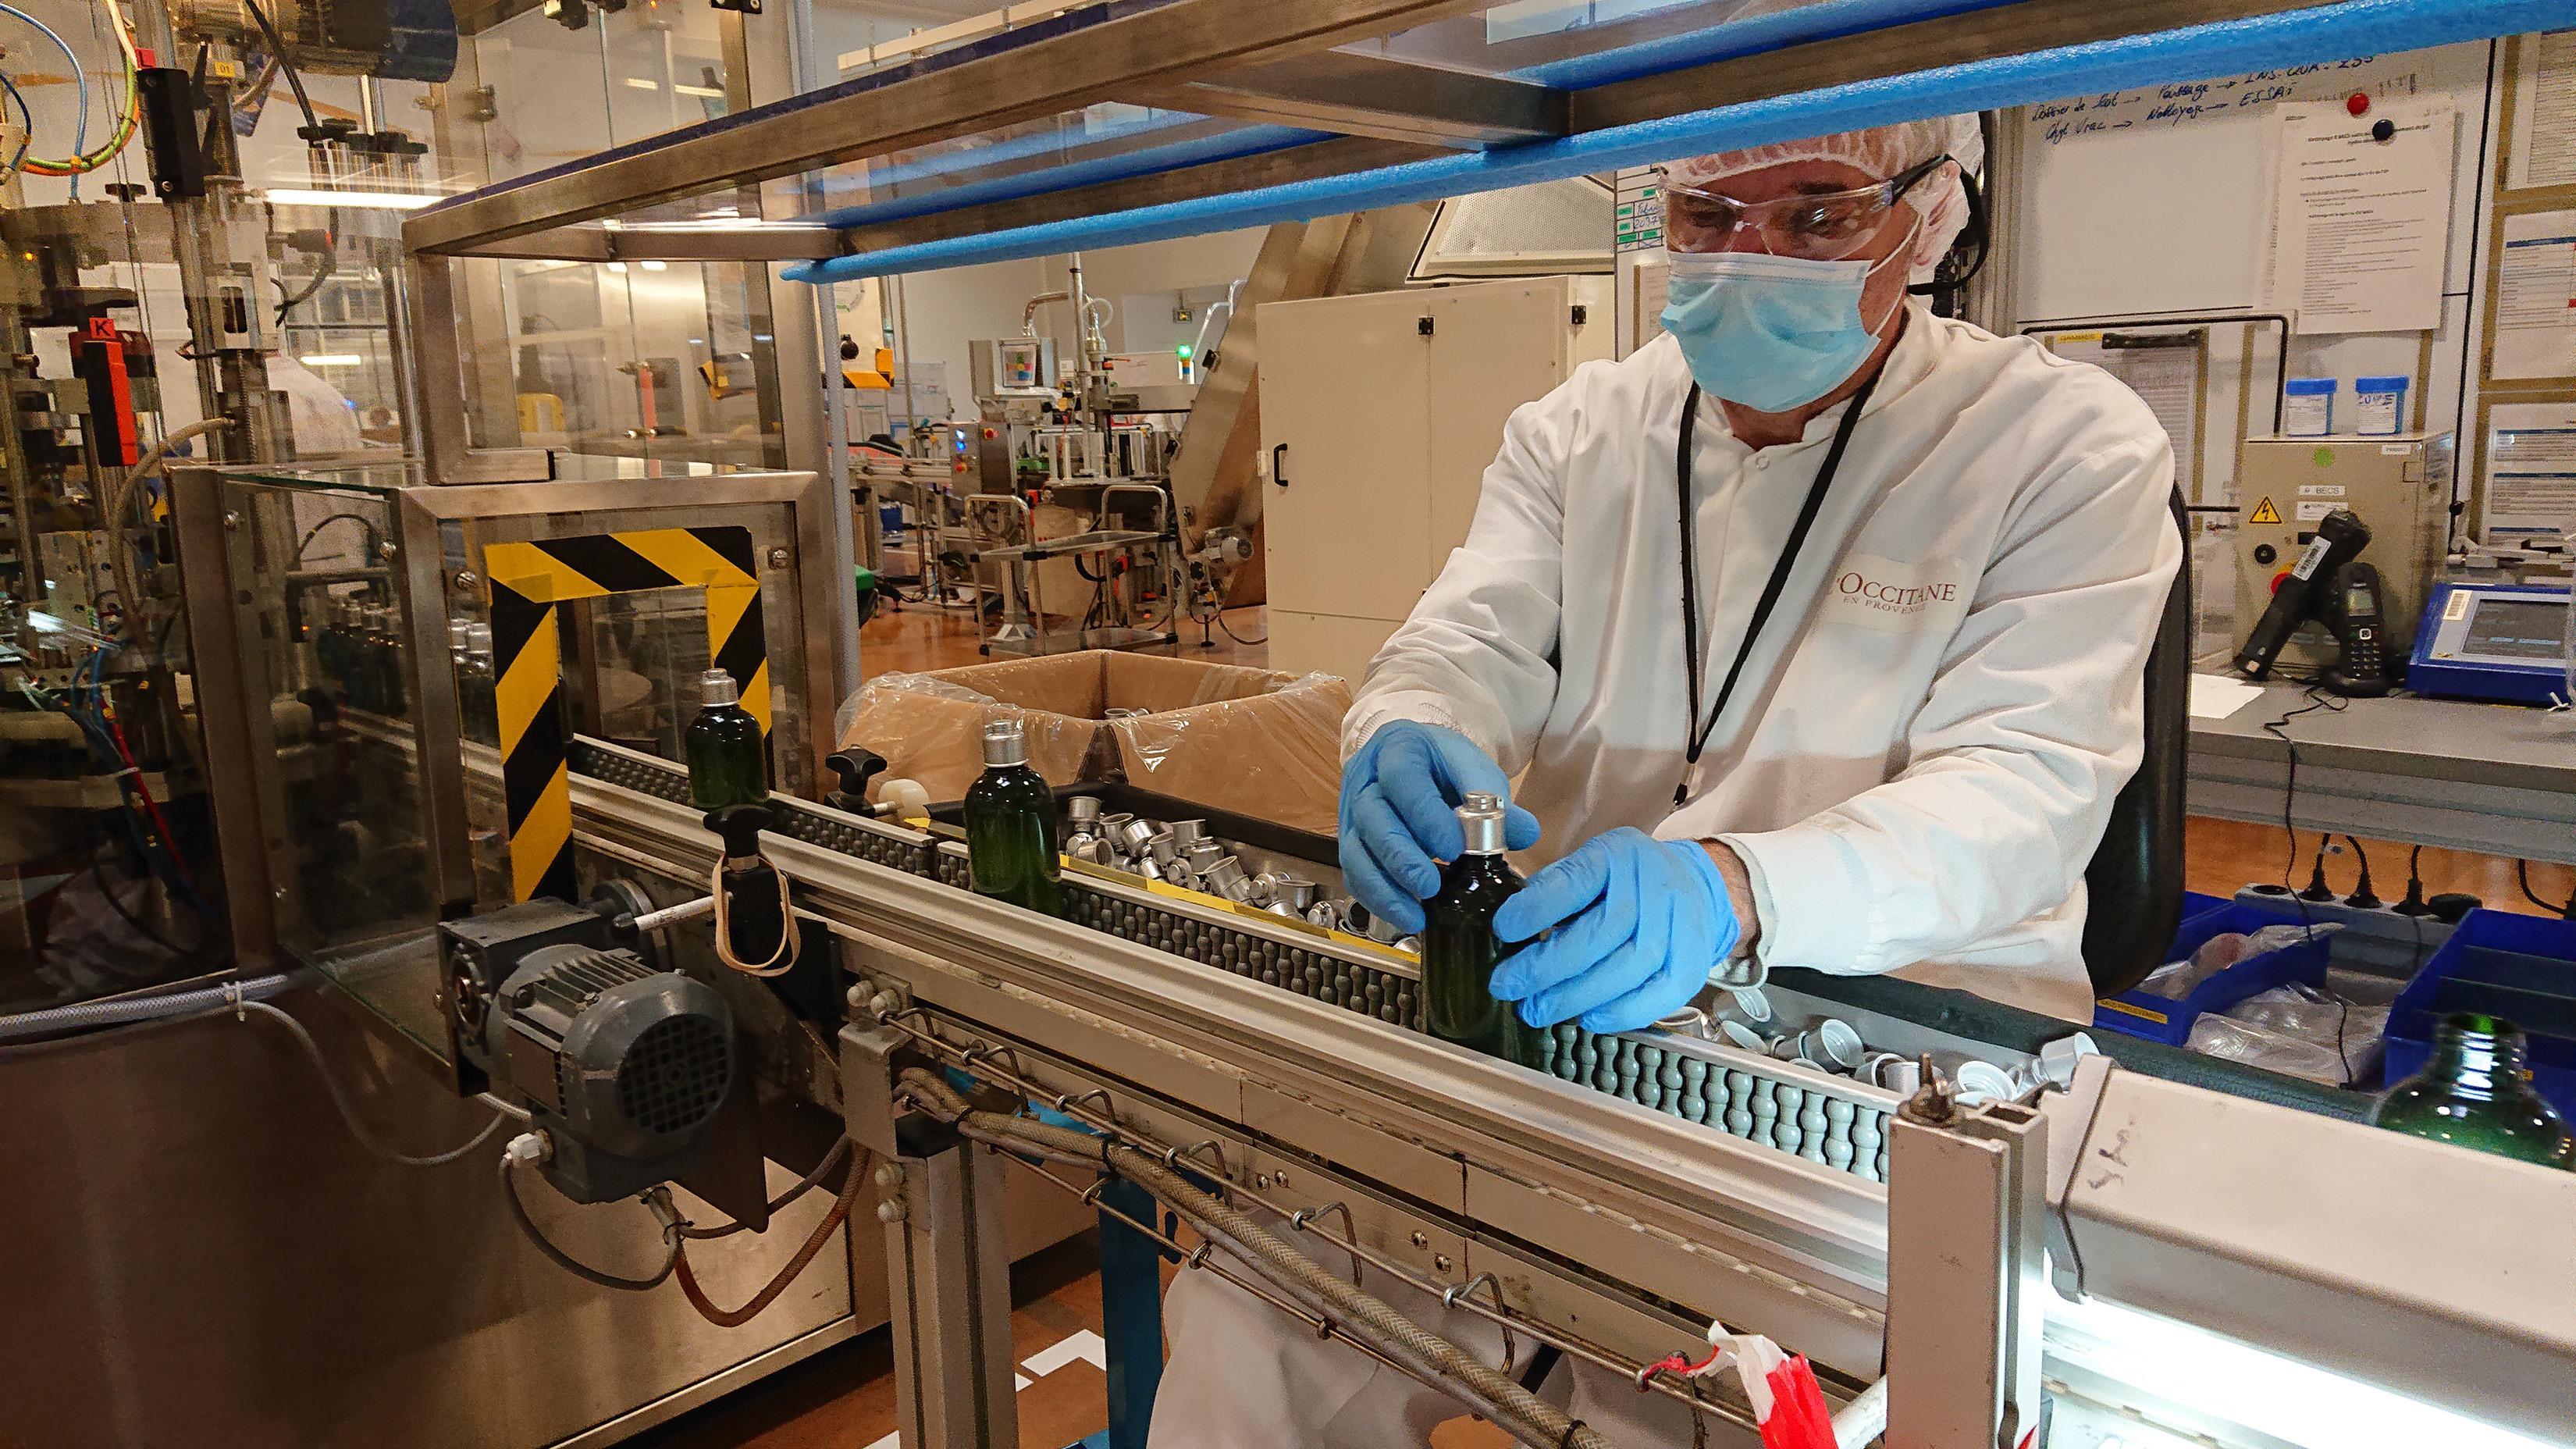 L'Occitane Covid-19'a karşı el dezenfektanı üretiyor